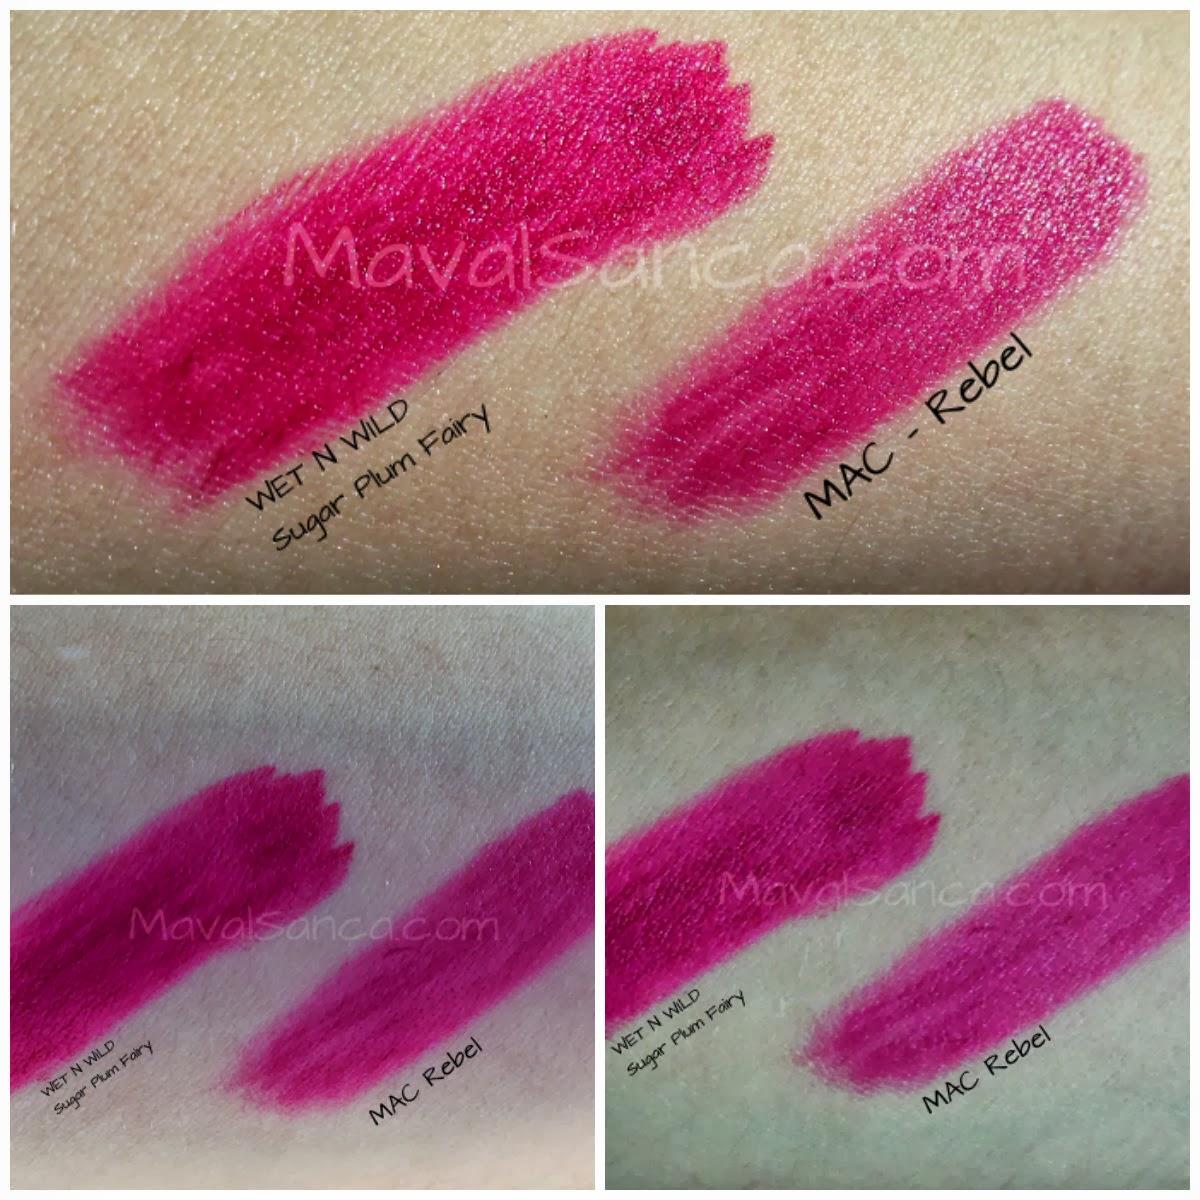 colorful makeup por mavalsanca